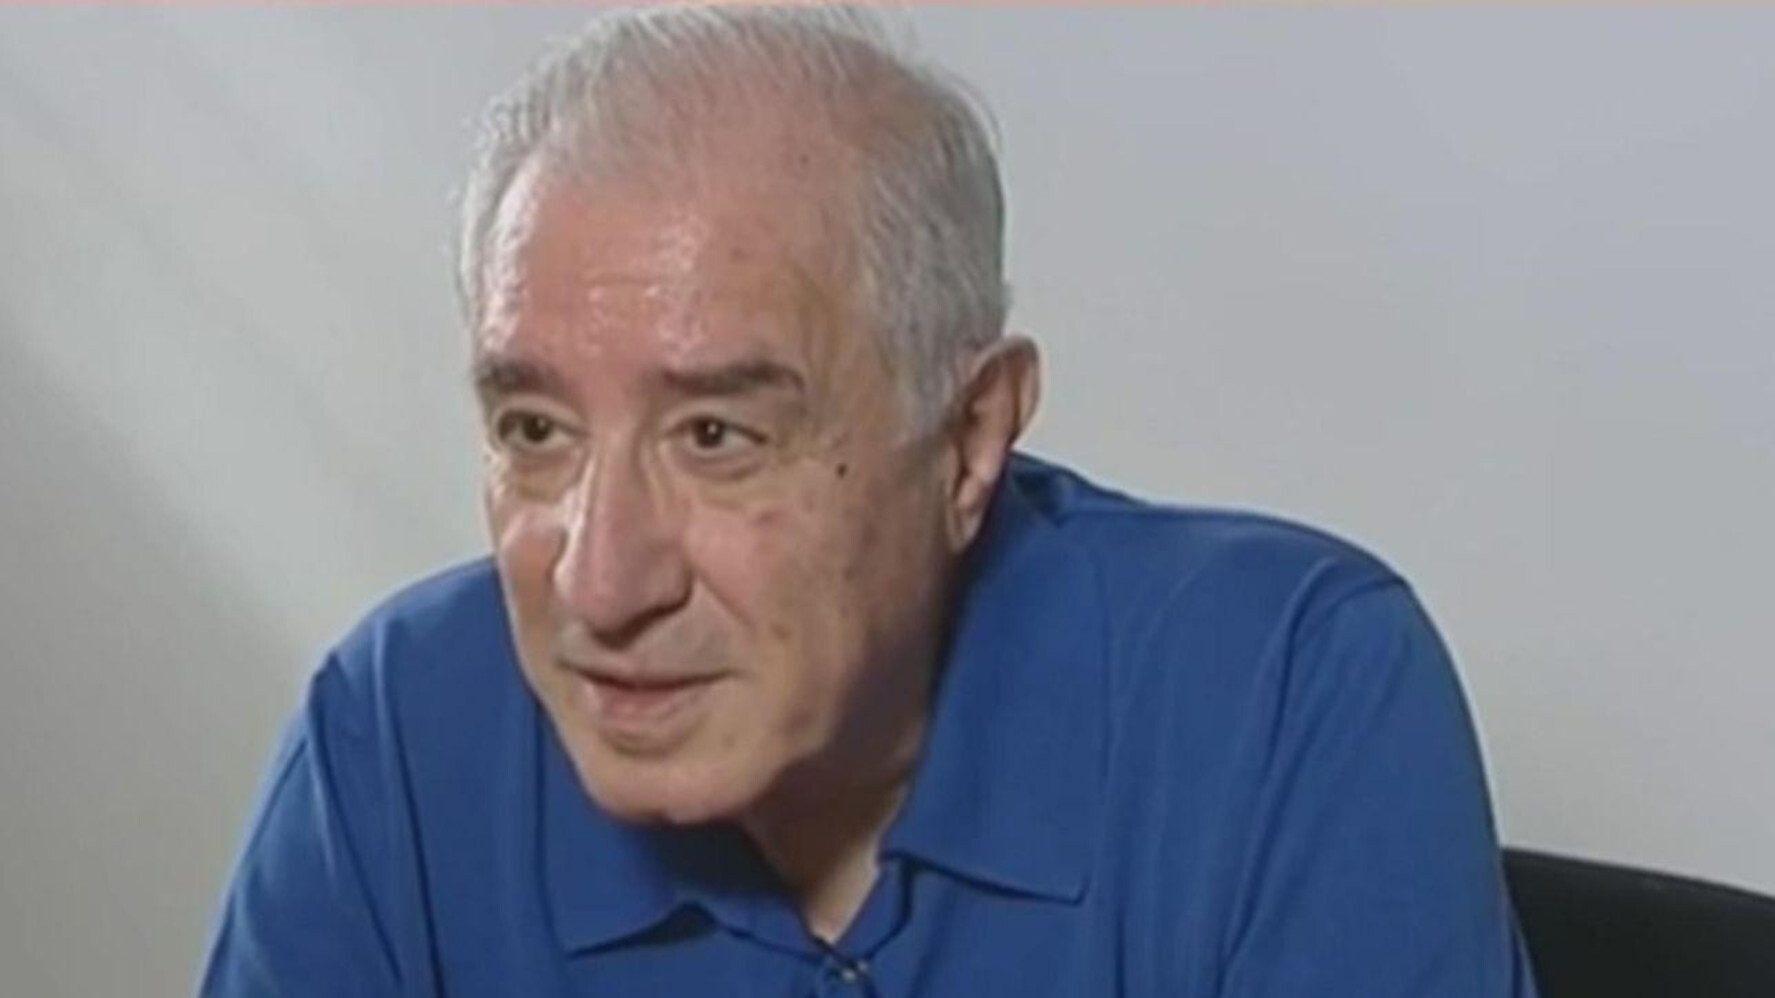 Marcello Dell'Utri è tornato in libertà: ha scontato la pena